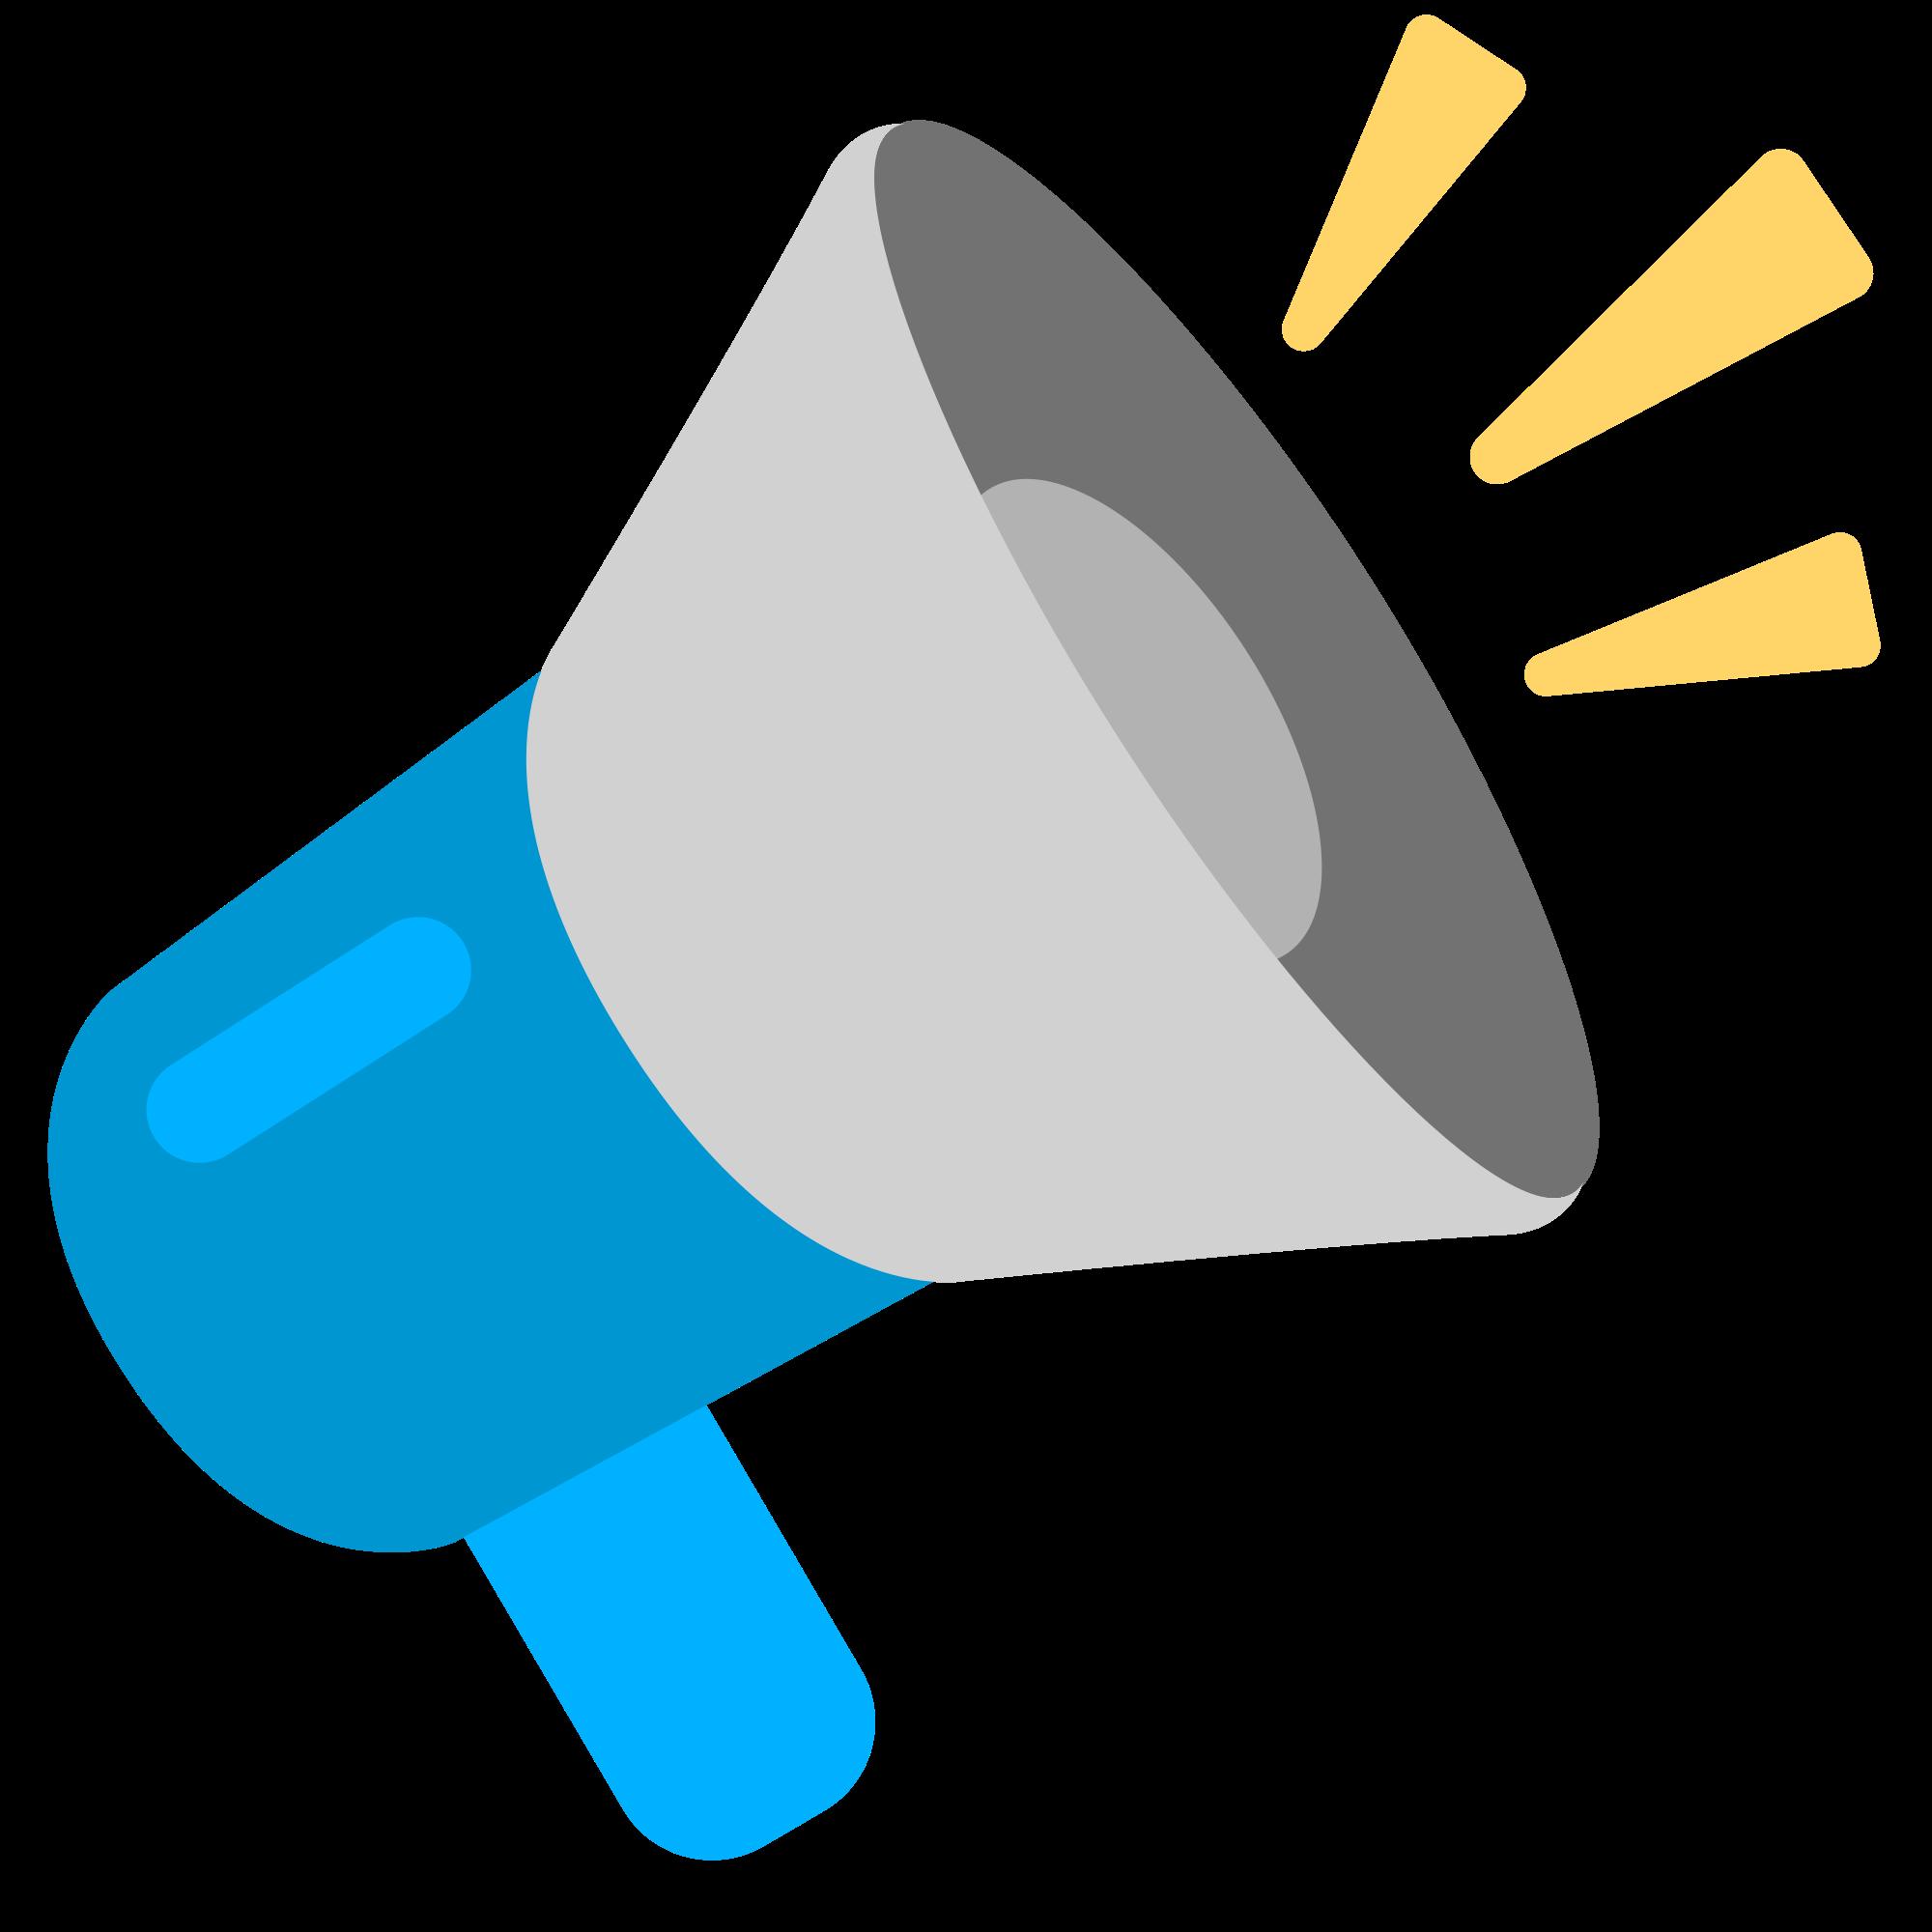 File fxemoji u f. Megaphone clipart emoji